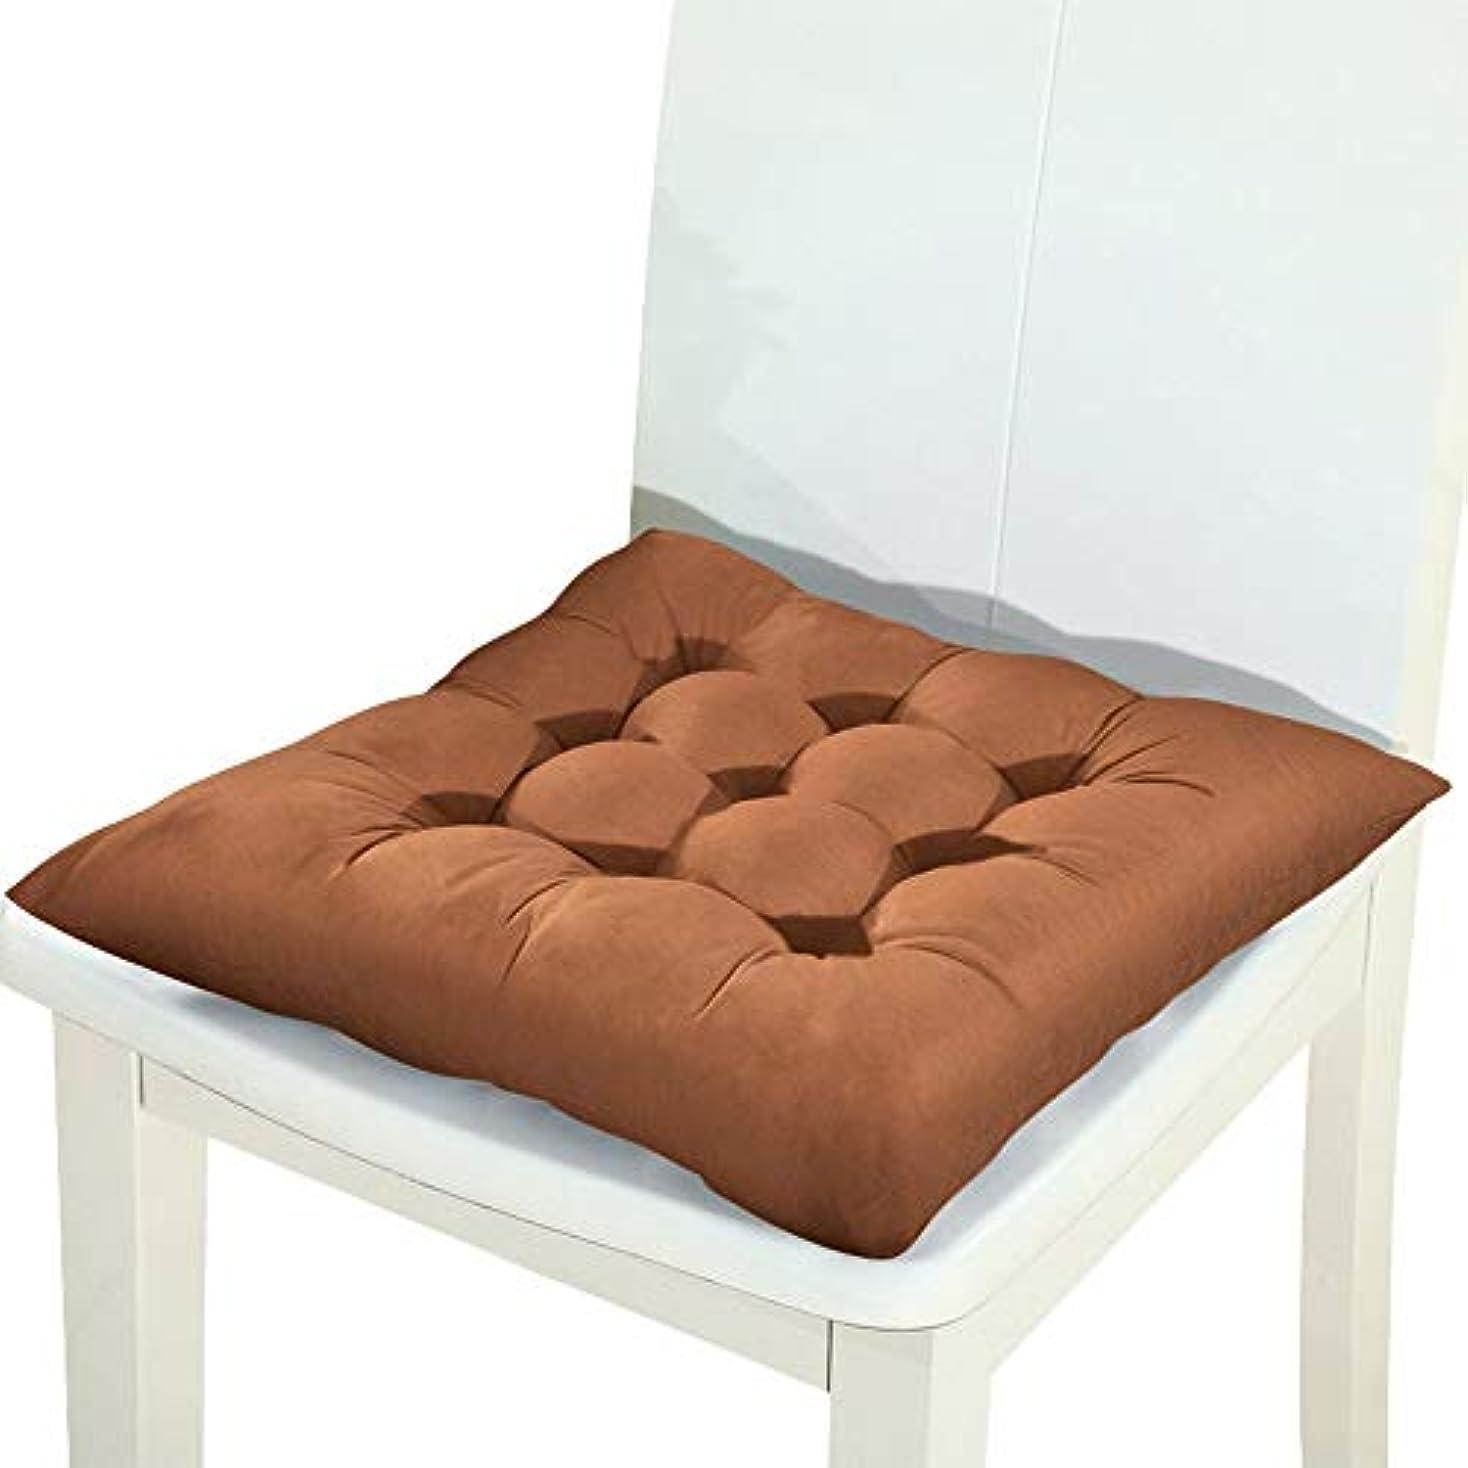 付録チューリップ眉LIFE 1/2/4 個 37 × 37 センチメートル座椅子バッククッション保温冬オフィスバーソファ枕臀部椅子クッション家の装飾 クッション 椅子